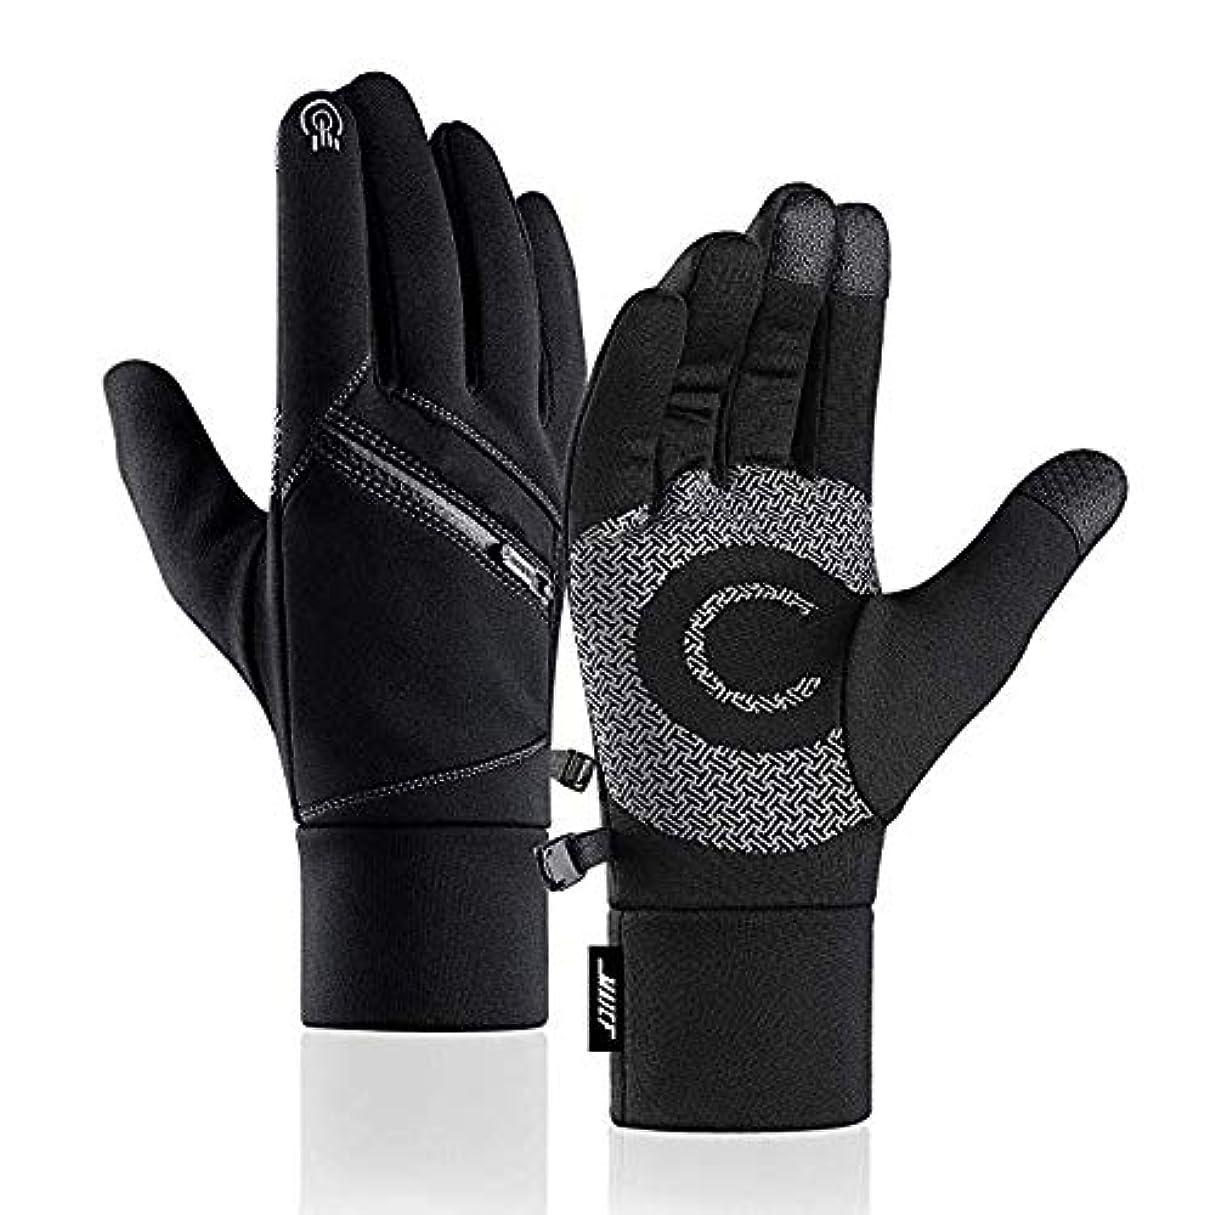 パラシュートソーセージ不規則な冬の手袋、ダブルレイヤー肥厚タッチスクリーンウォーム手袋男性&女性,黒,XXL